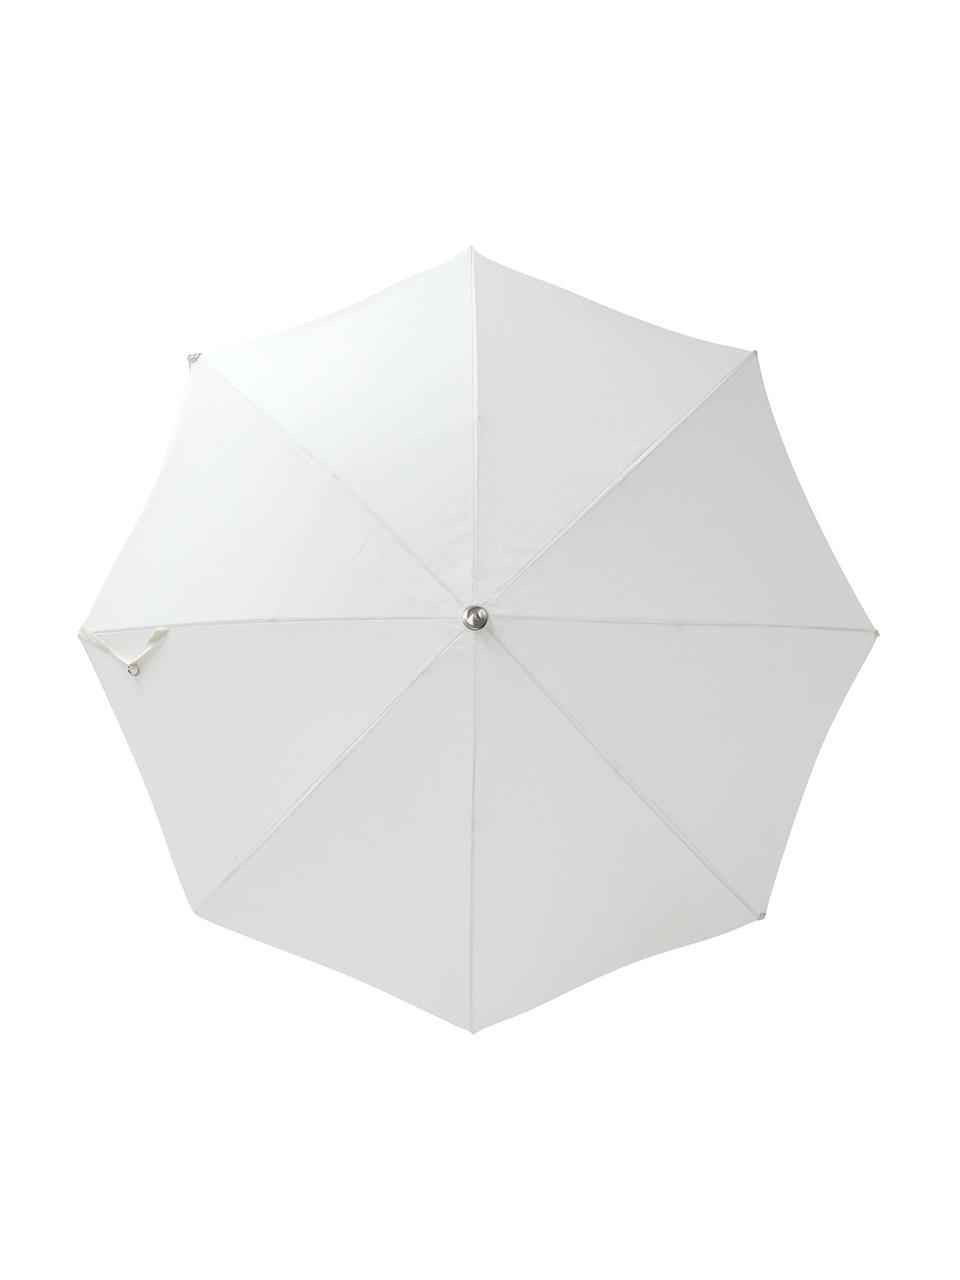 Parasol ogrodowy z frędzlami Retro, Stelaż: drewno naturalne, laminow, Złamana biel, Ø 180 x W 230 cm